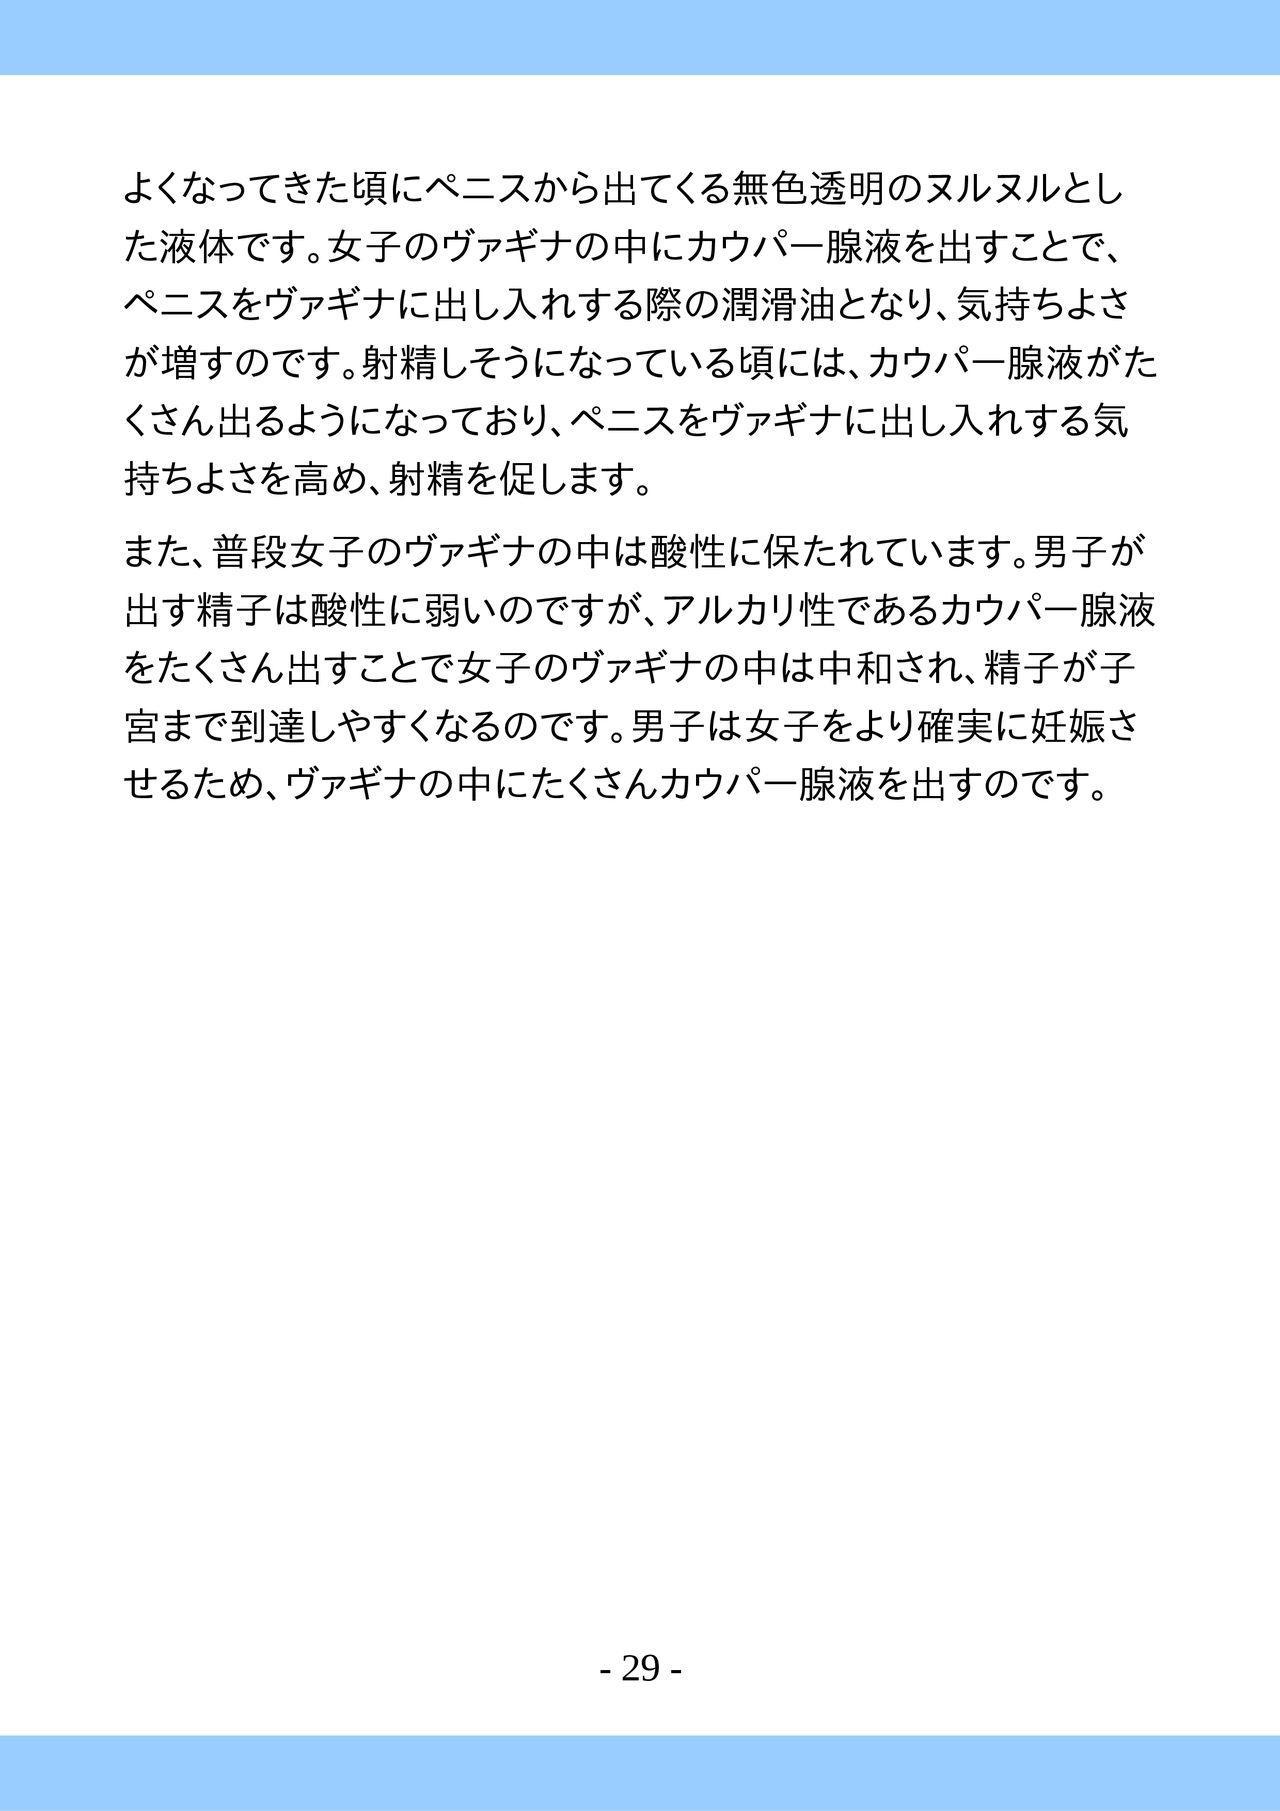 Shishunki no Tame no Tottemo Kimochii Sex no Ohanashi 28